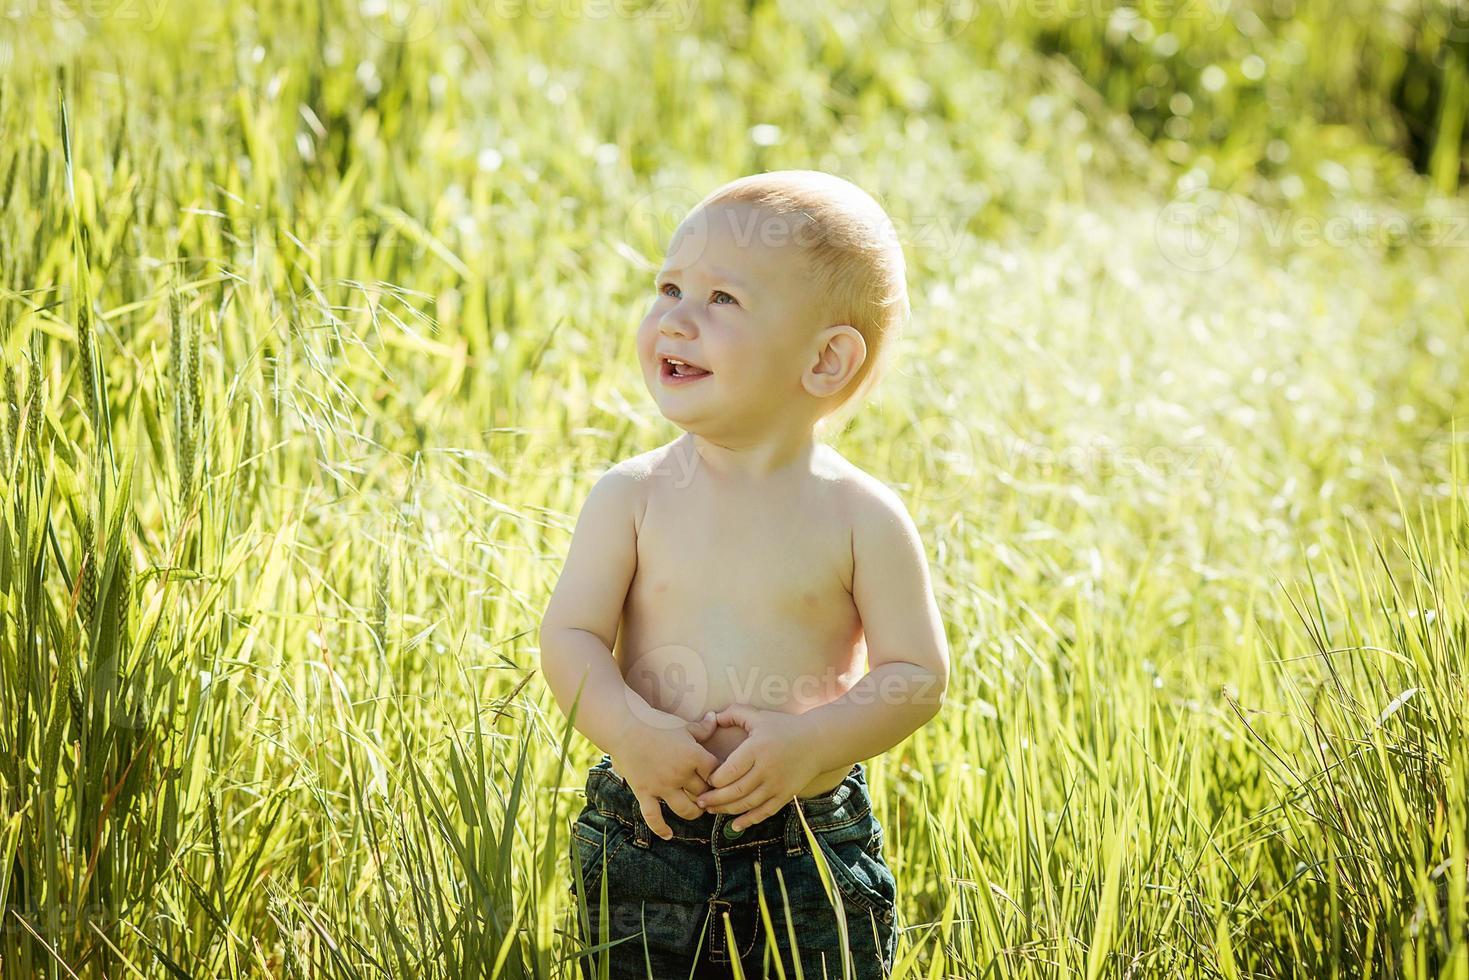 kleine jongen op het gazon, foto